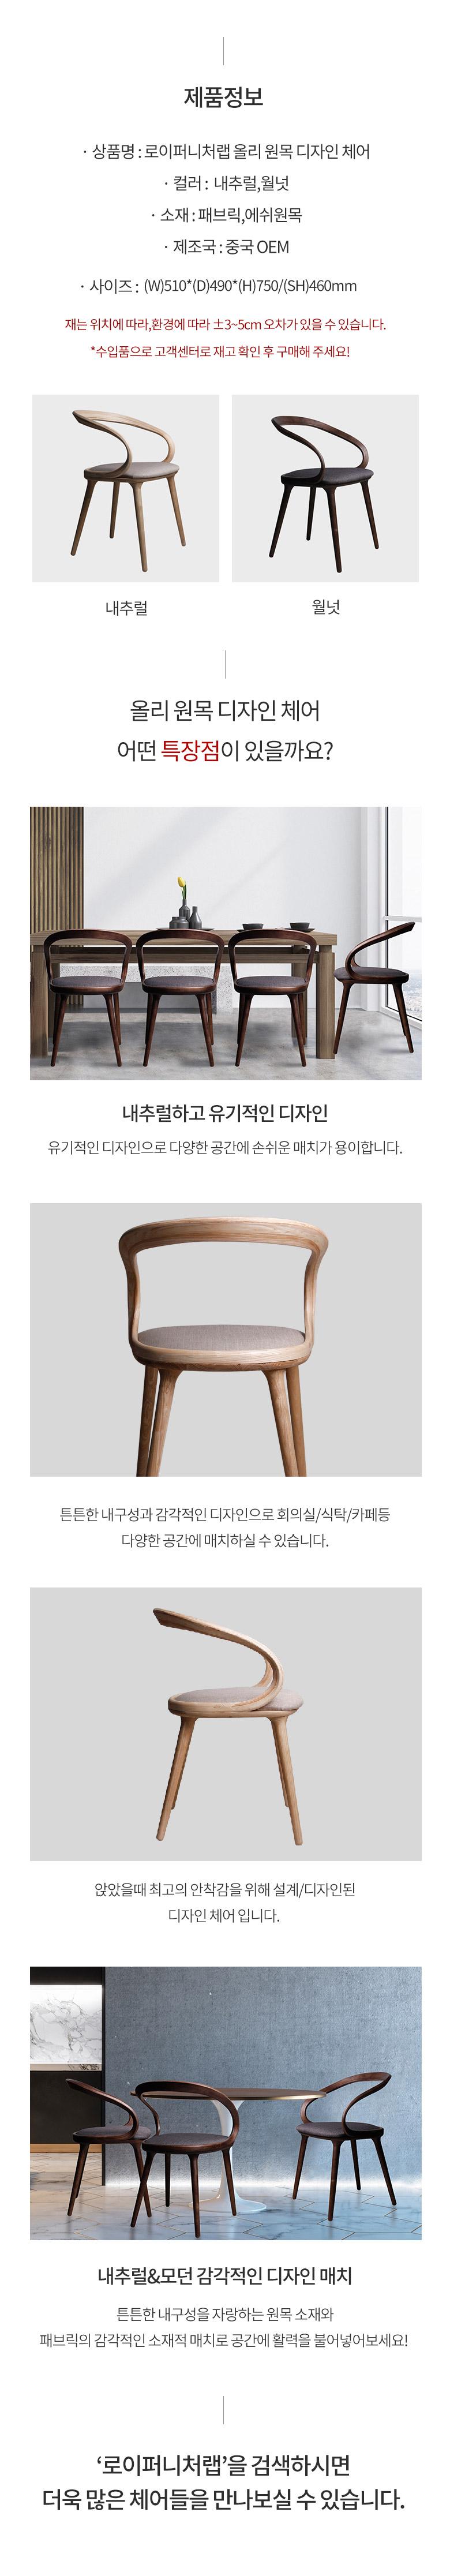 로이퍼니처랩 올리 원목 디자인 체어 - 로이퍼니처랩, 245,500원, 디자인 의자, 인테리어의자